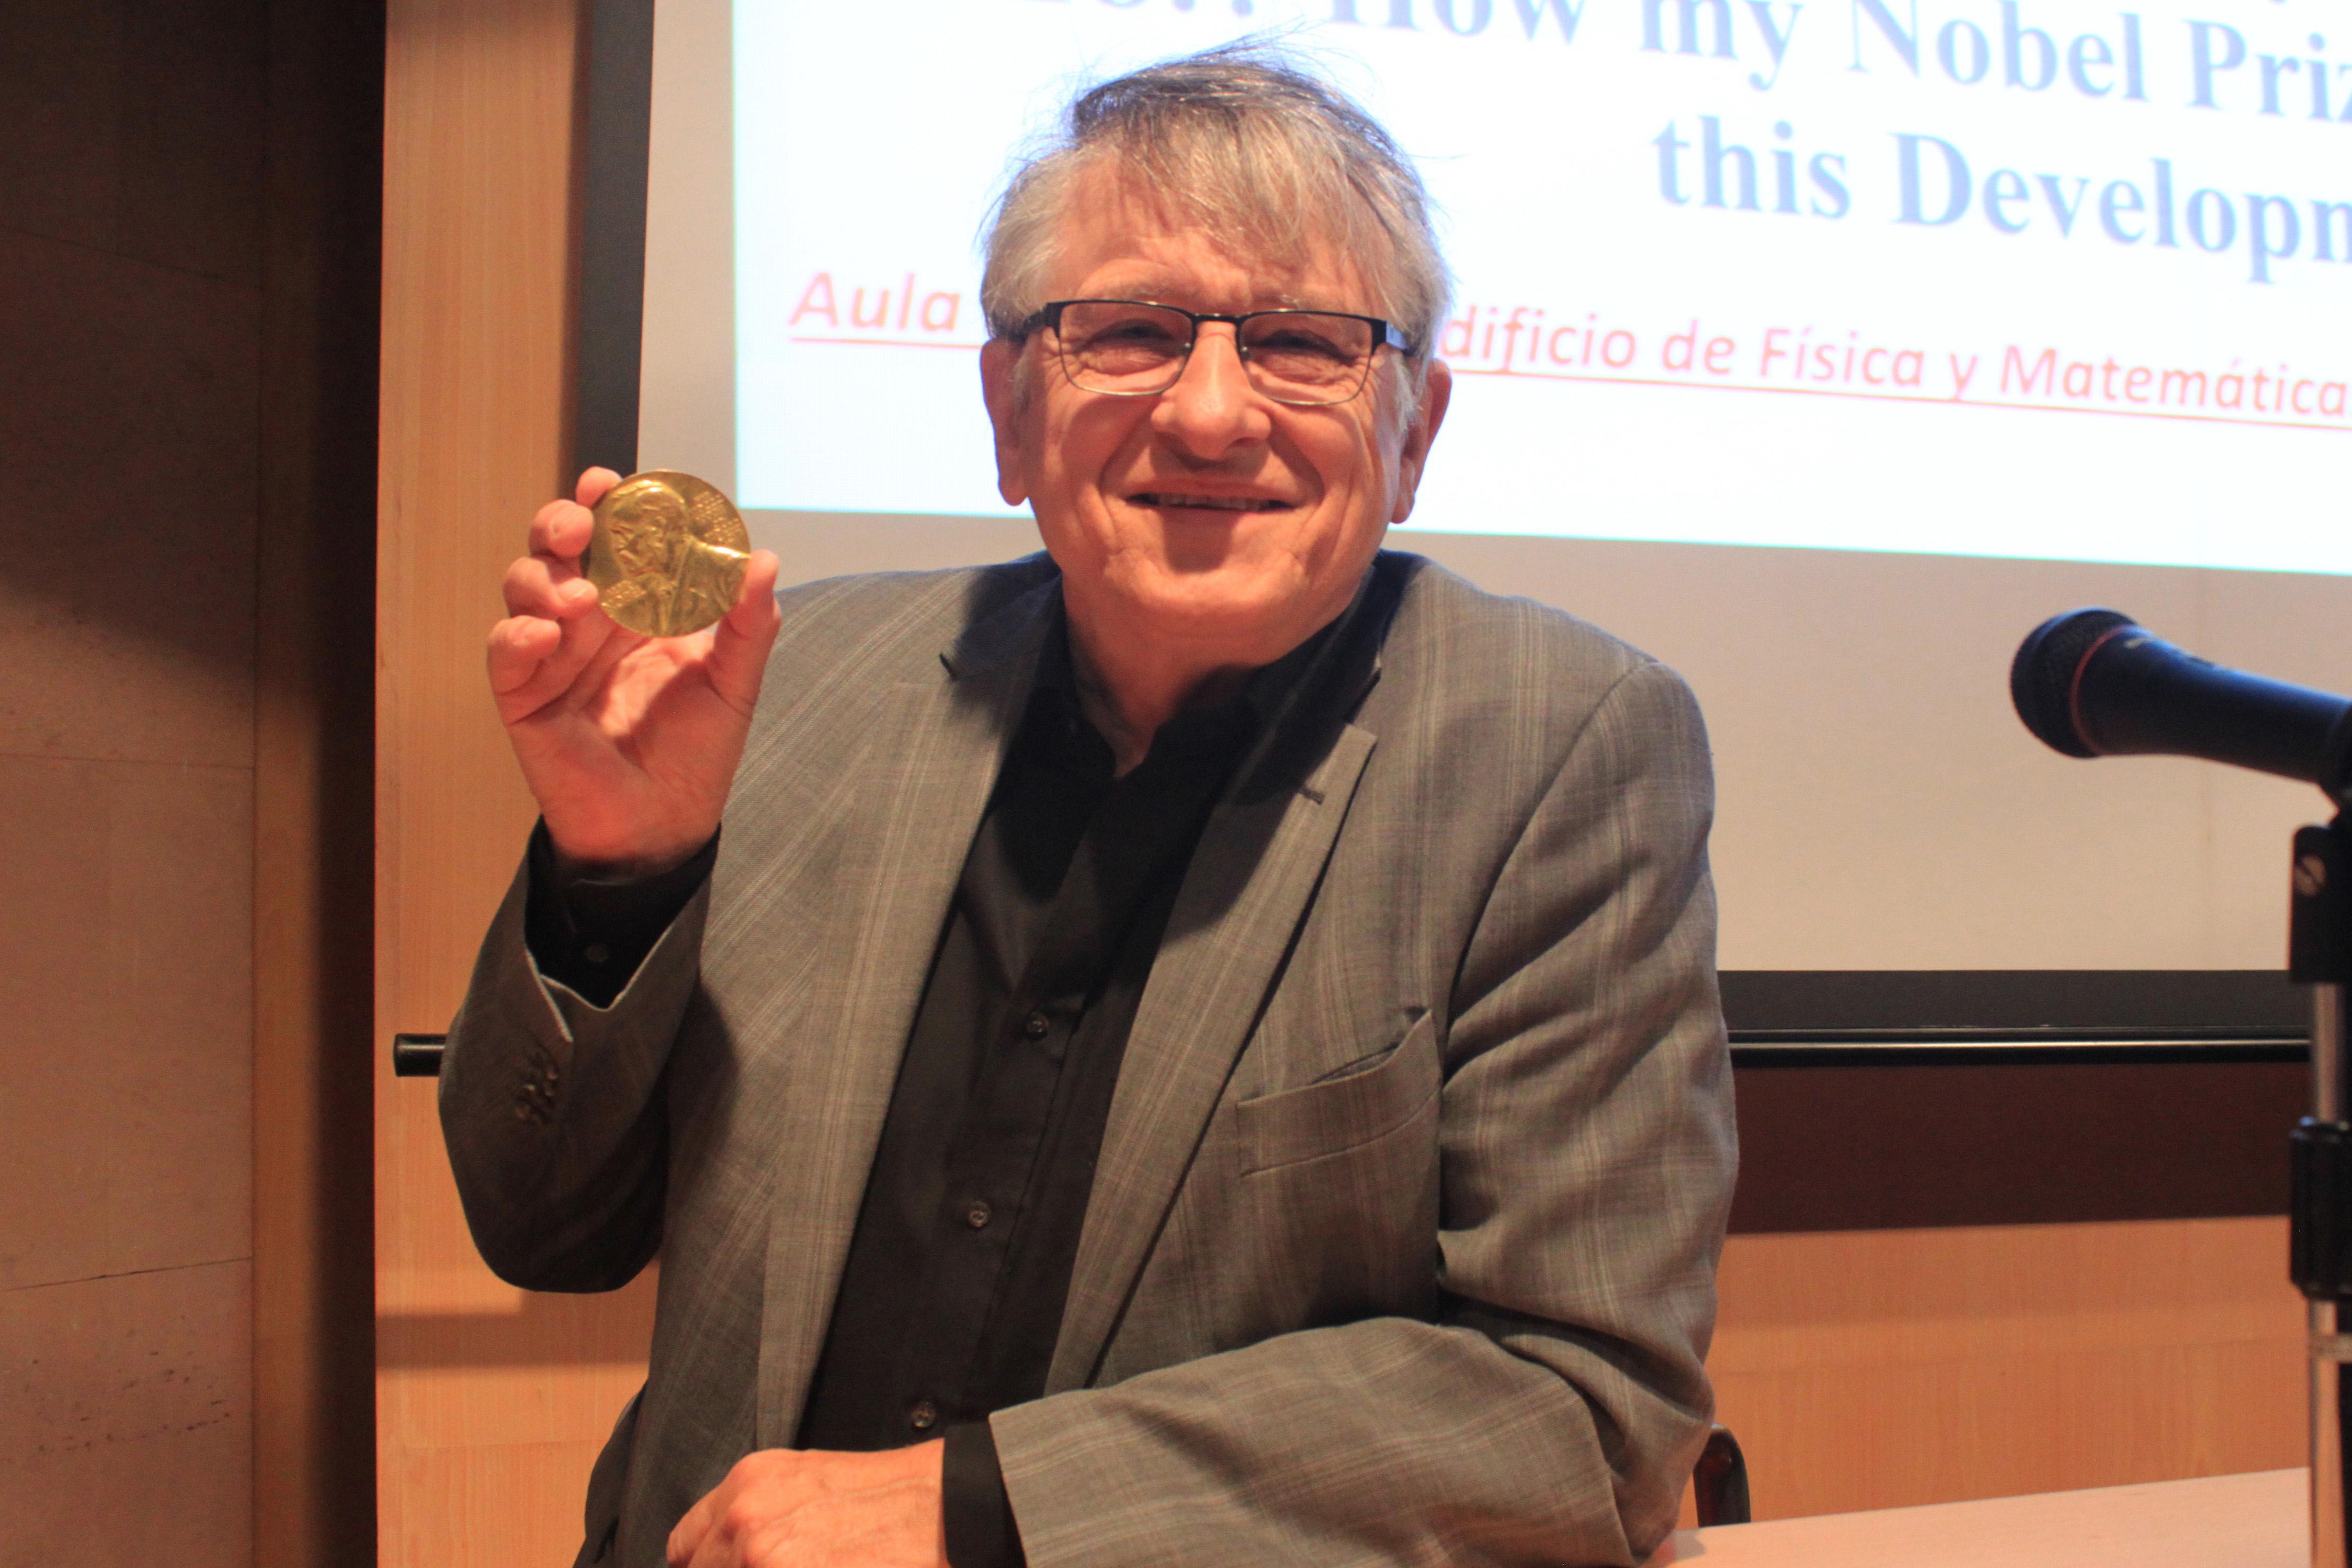 Klaus-von-K.-con-la-medalla-del-Premio-Nobel-CLAUDIA-PAIS.jpg